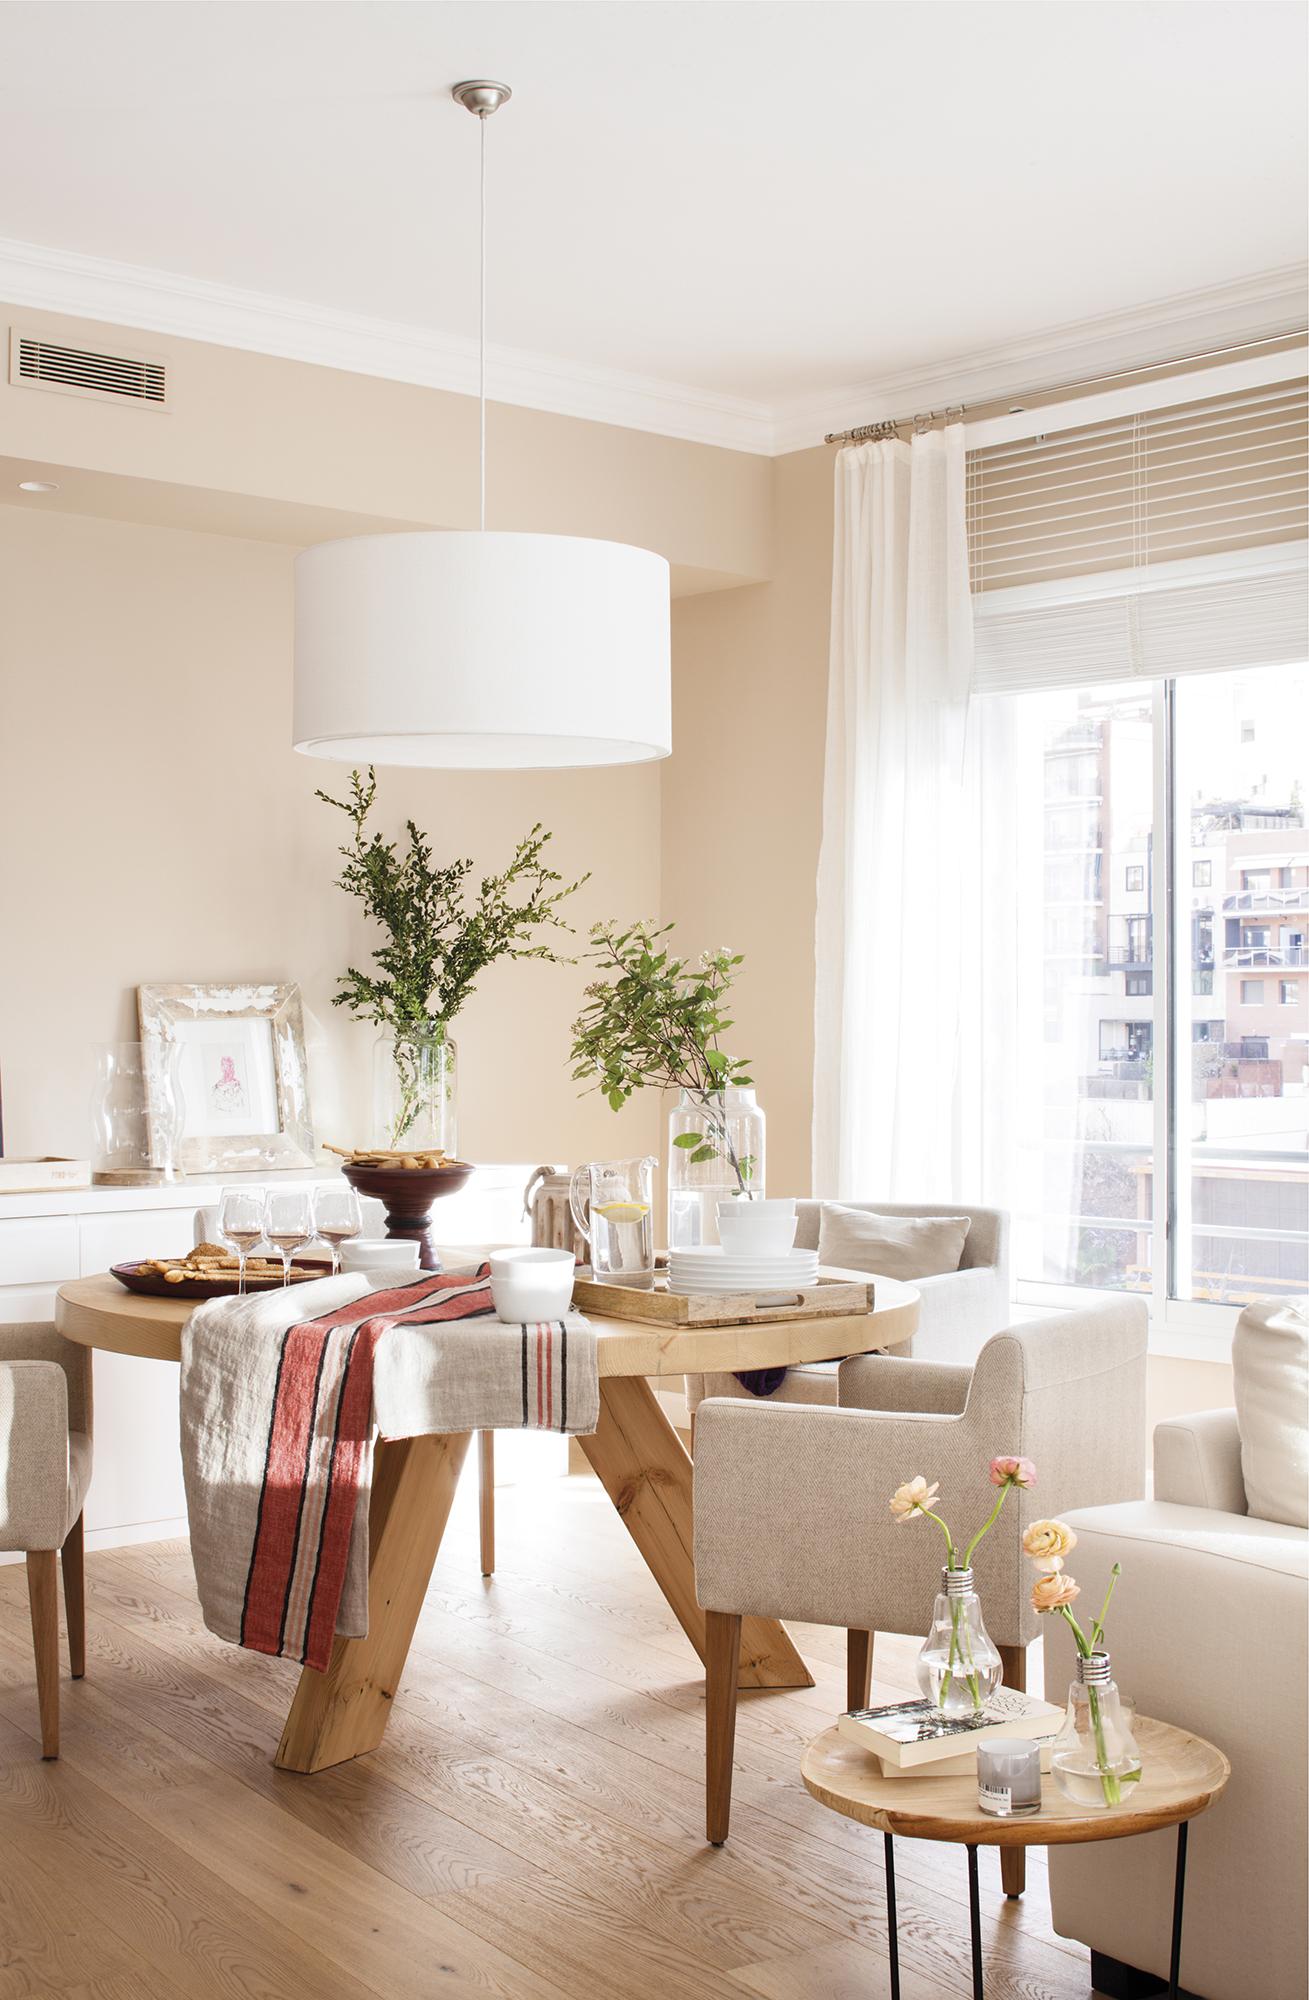 Reforma de un piso con una decoraci n muy luminosa y mucha madera - Sillones de cocina ...